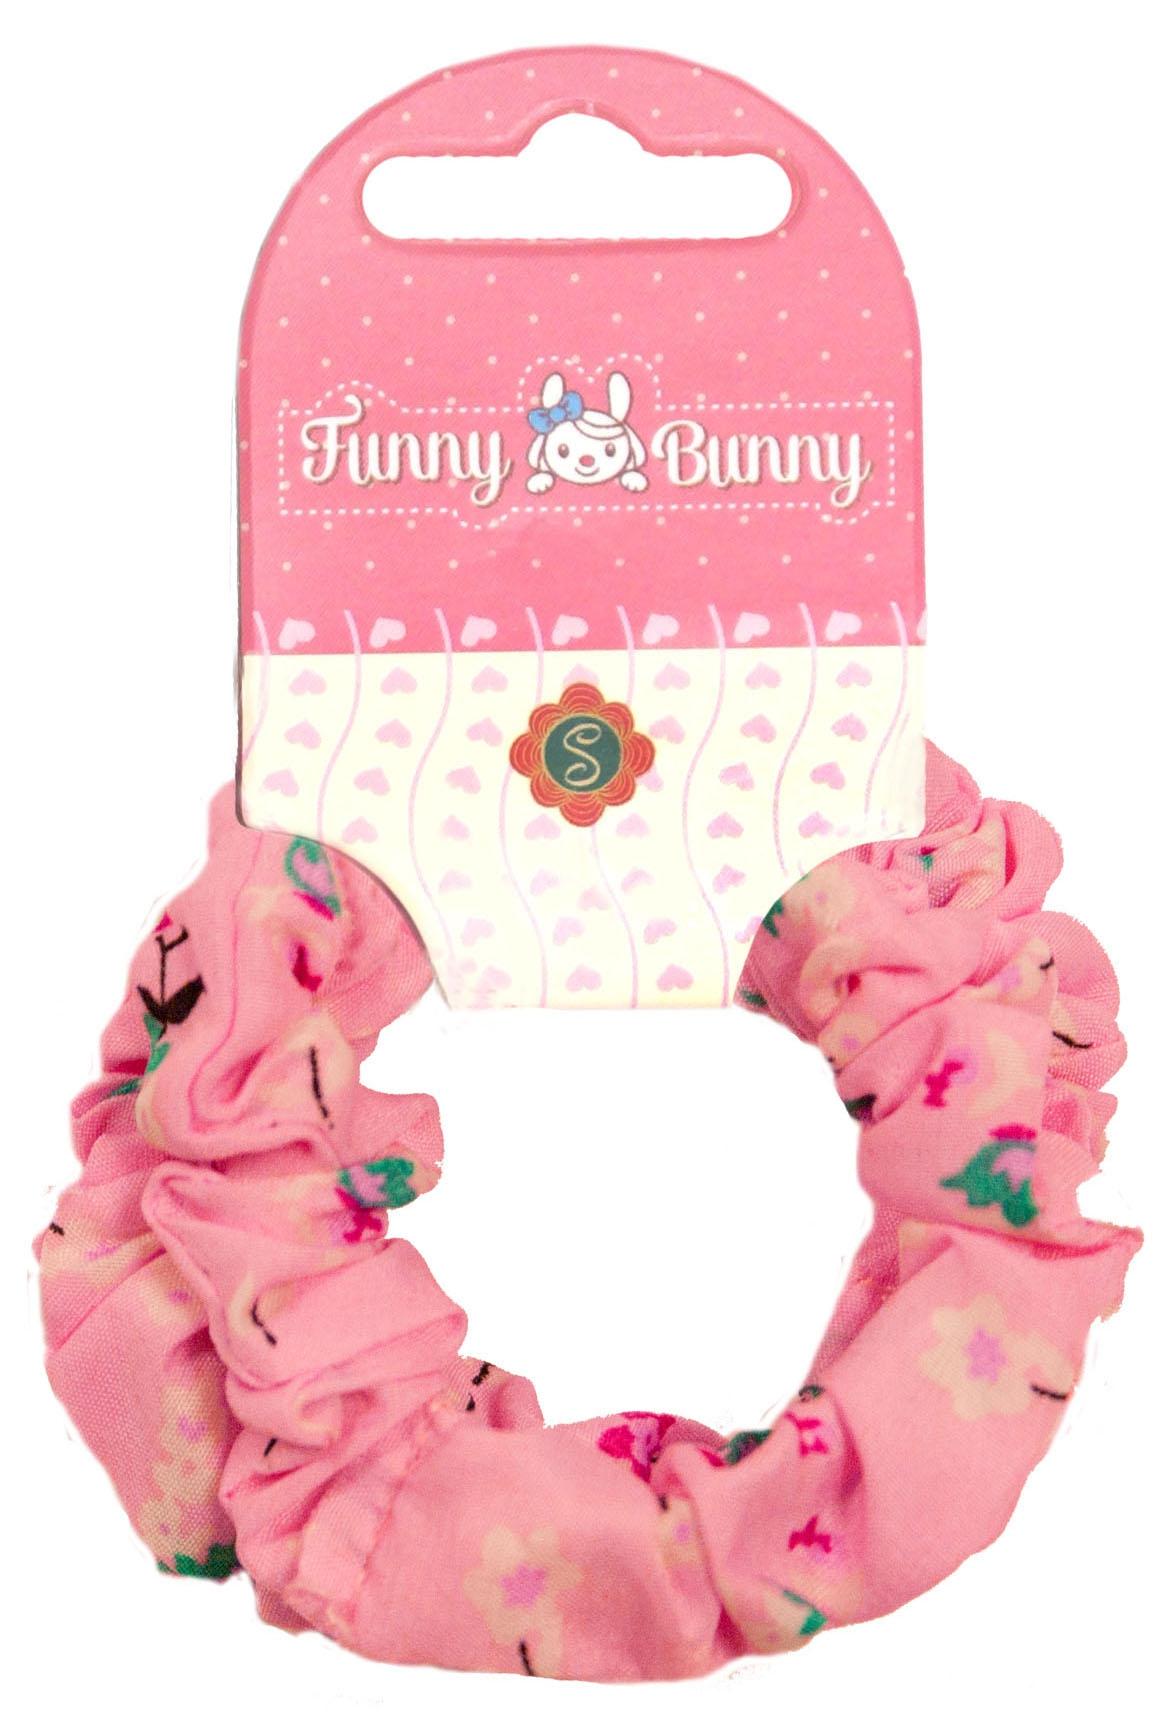 Украшения Funny Bunny Резинка для волоc Funny Bunny «Шу-Шу» 2 шт. в ассортименте невидимка для волос funny bunny розовые цветы 2 шт